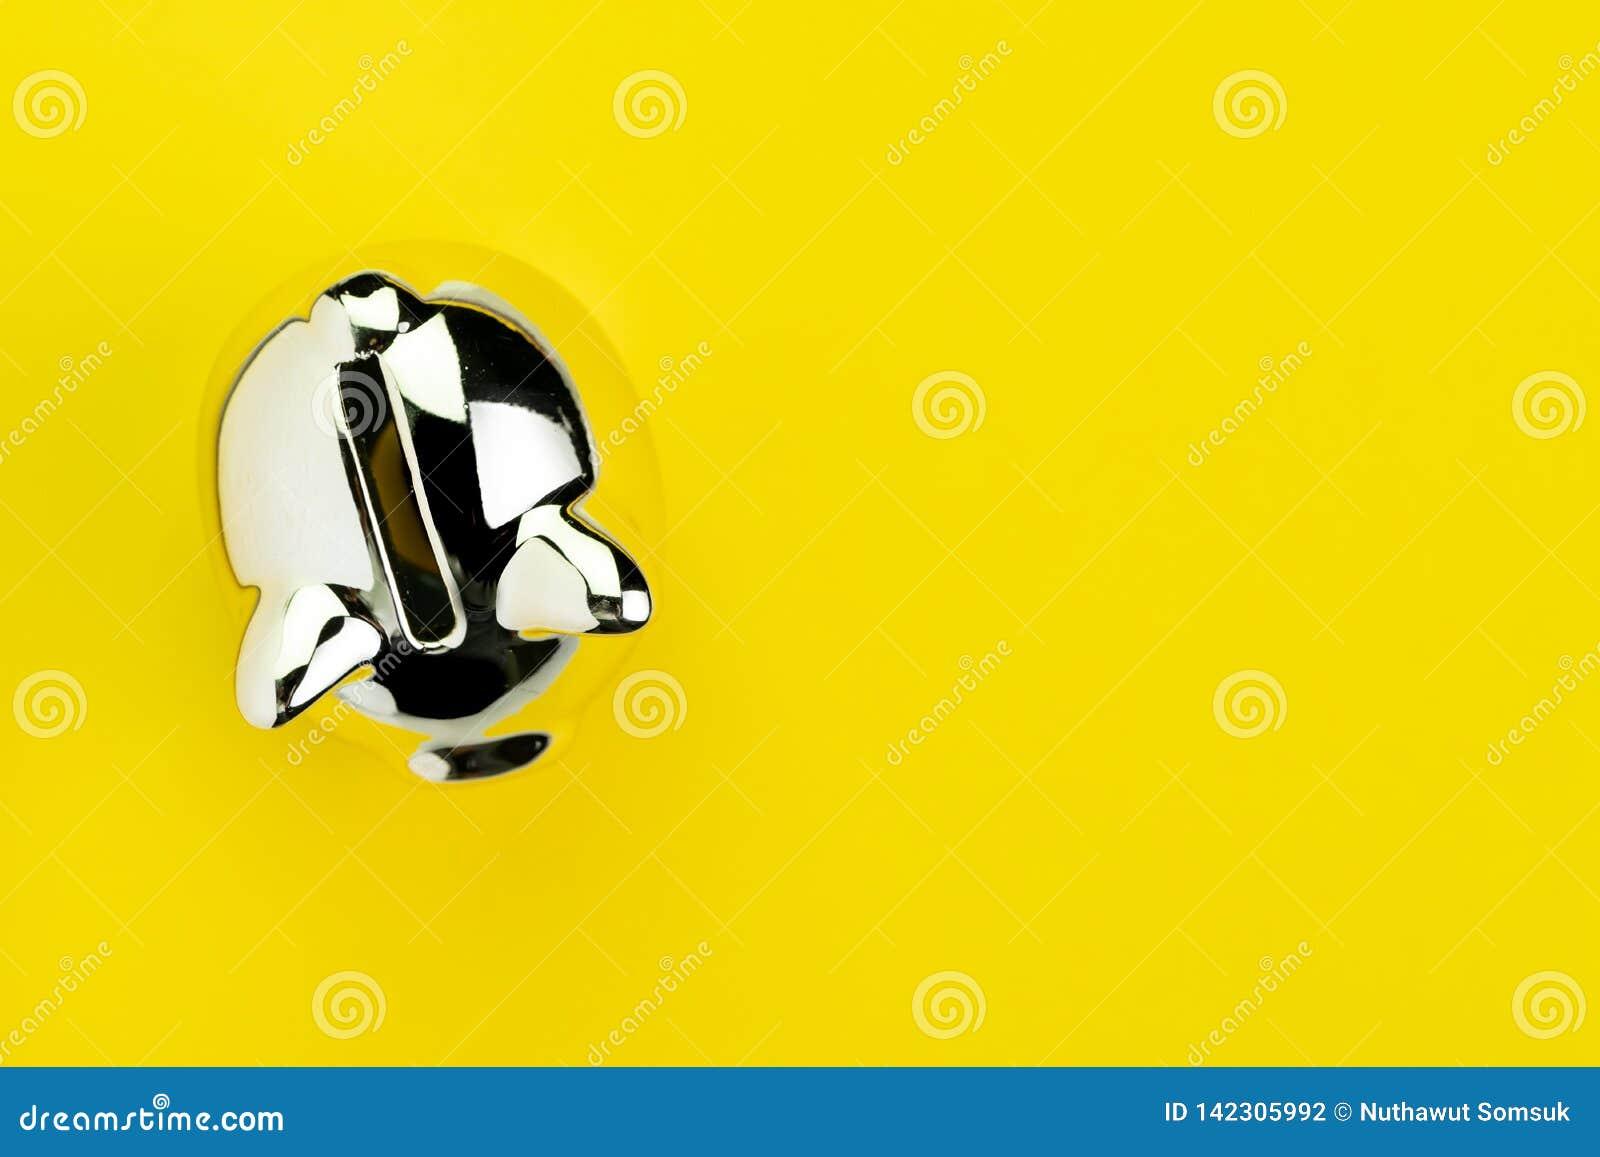 Finans, bankrörelsen, besparingar eller investeringbegreppet som är skinande försilvrar spargrisen på fast gul bakgrund med kopie